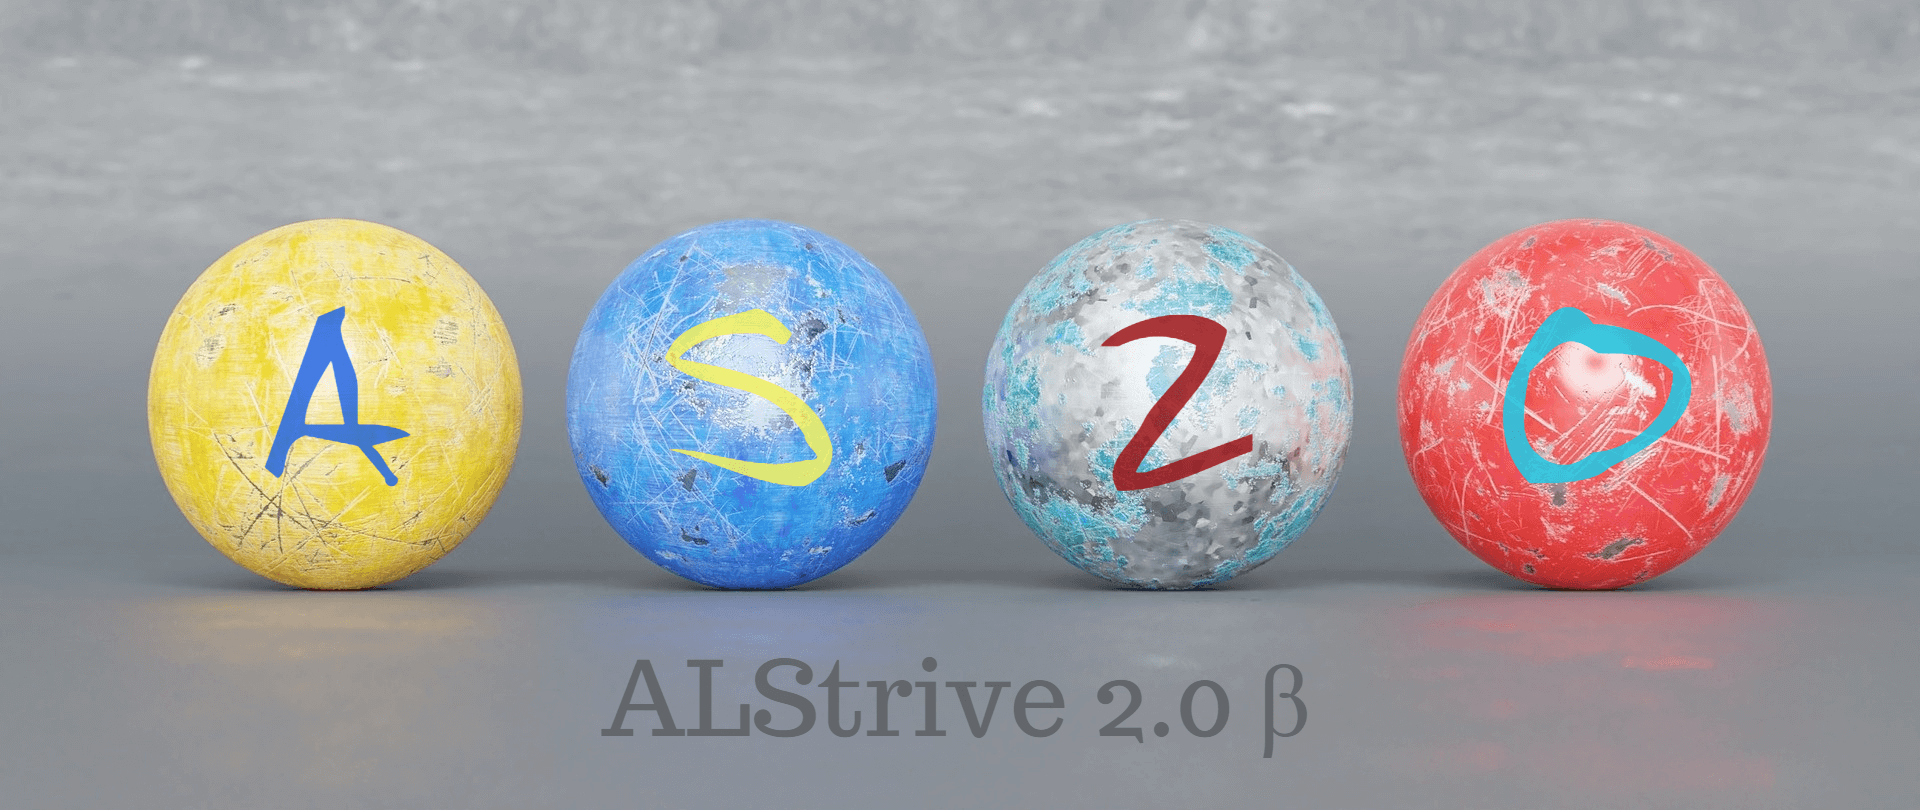 ALStrive 2.0 β — Крупное обновление сайта